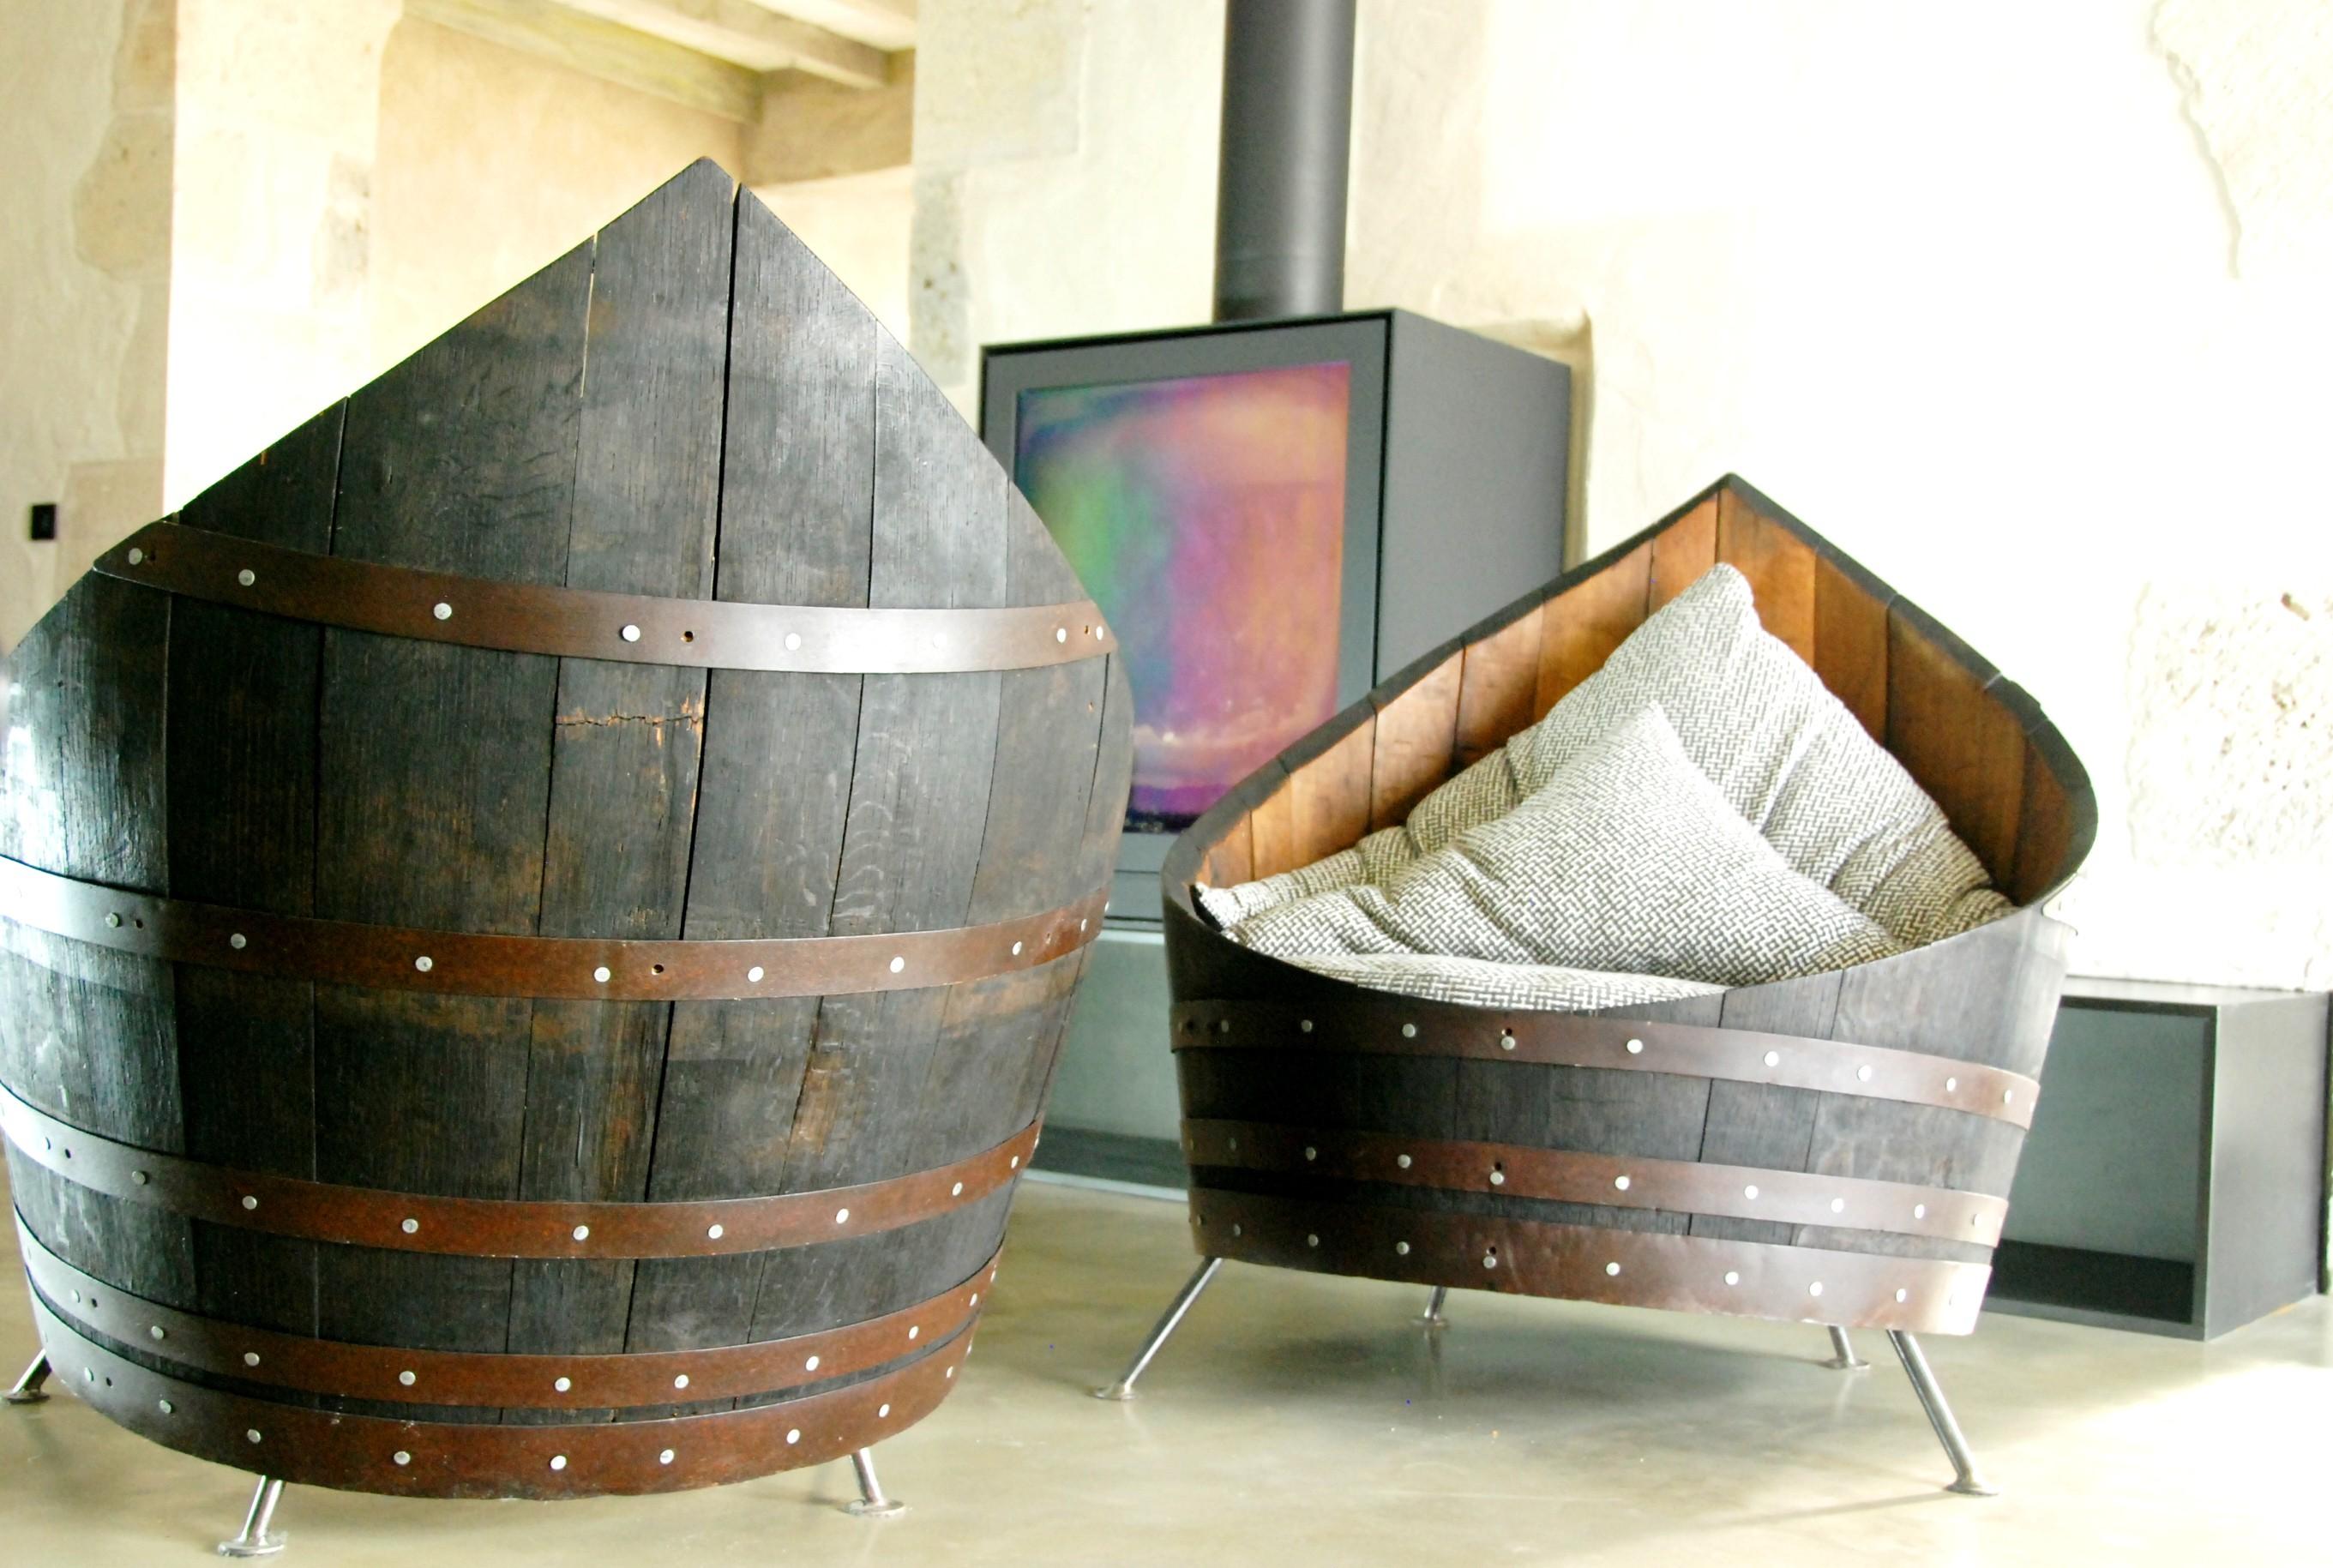 mobilier contemporain c brut design